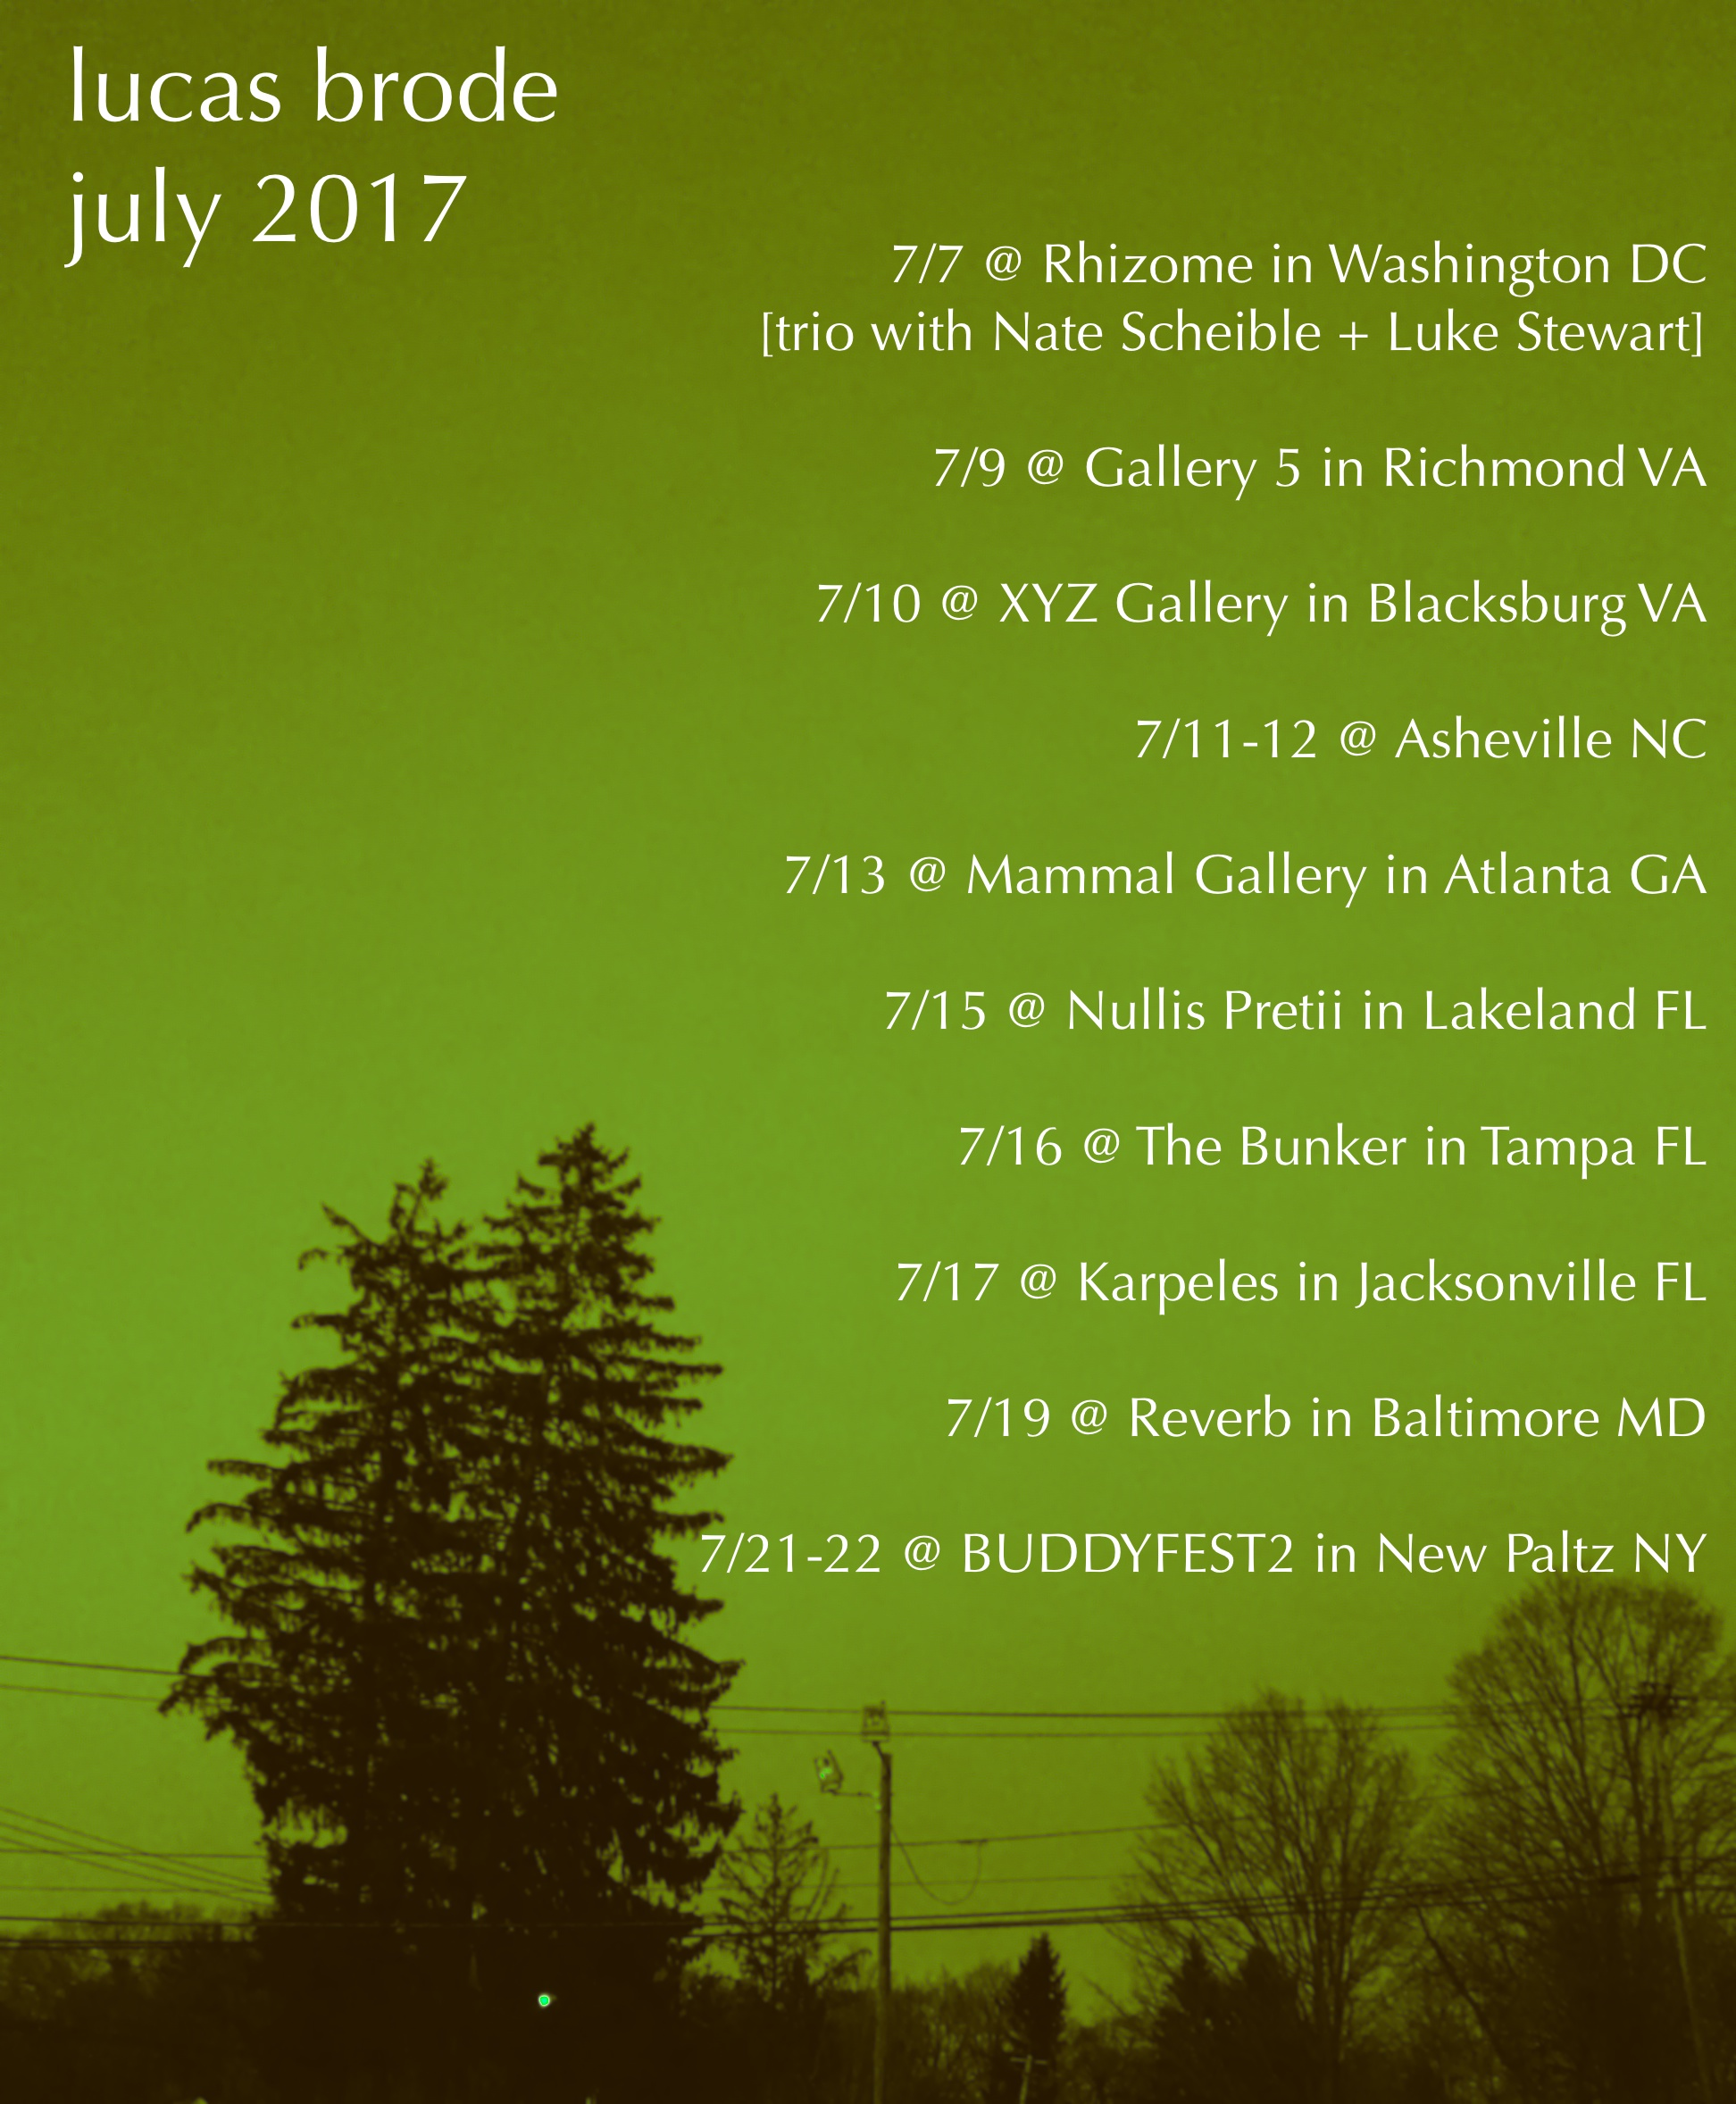 July 2017 tour